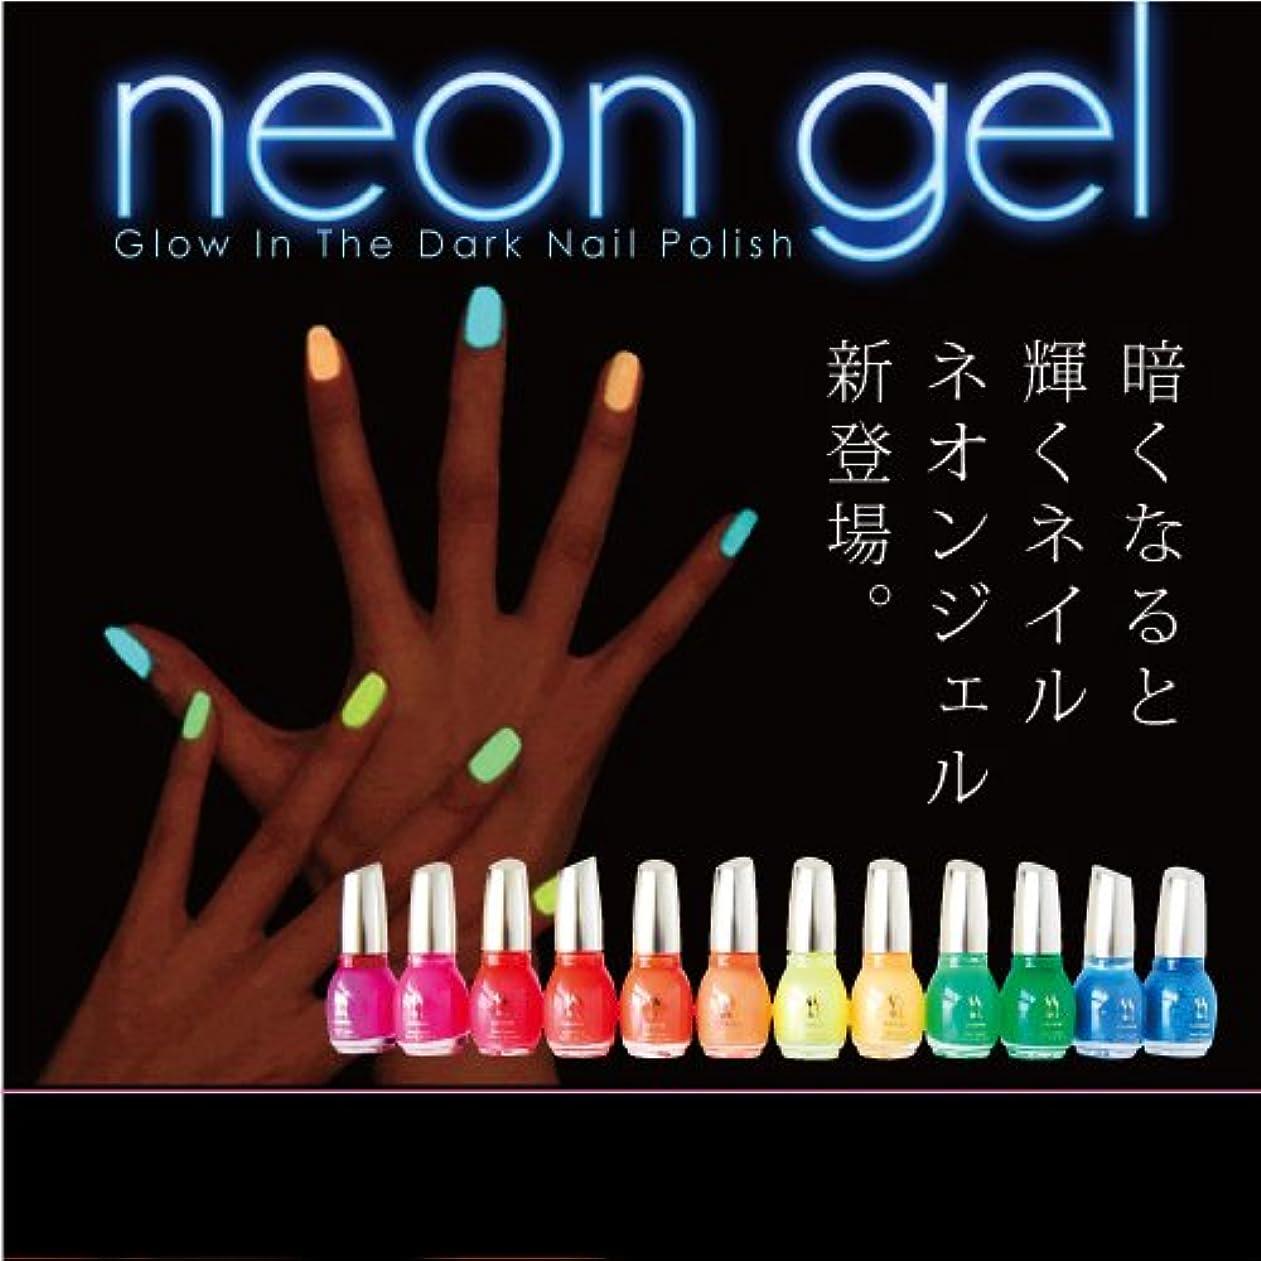 解読する嫌がらせピストルNeon Gel -Glow In The Dark- 蛍光ネイルポリッシュ 15ml カラー:11 レモン [マニキュア ネイルカラー ジェルネイルカラー ネイルポリッシュ SHANTI]